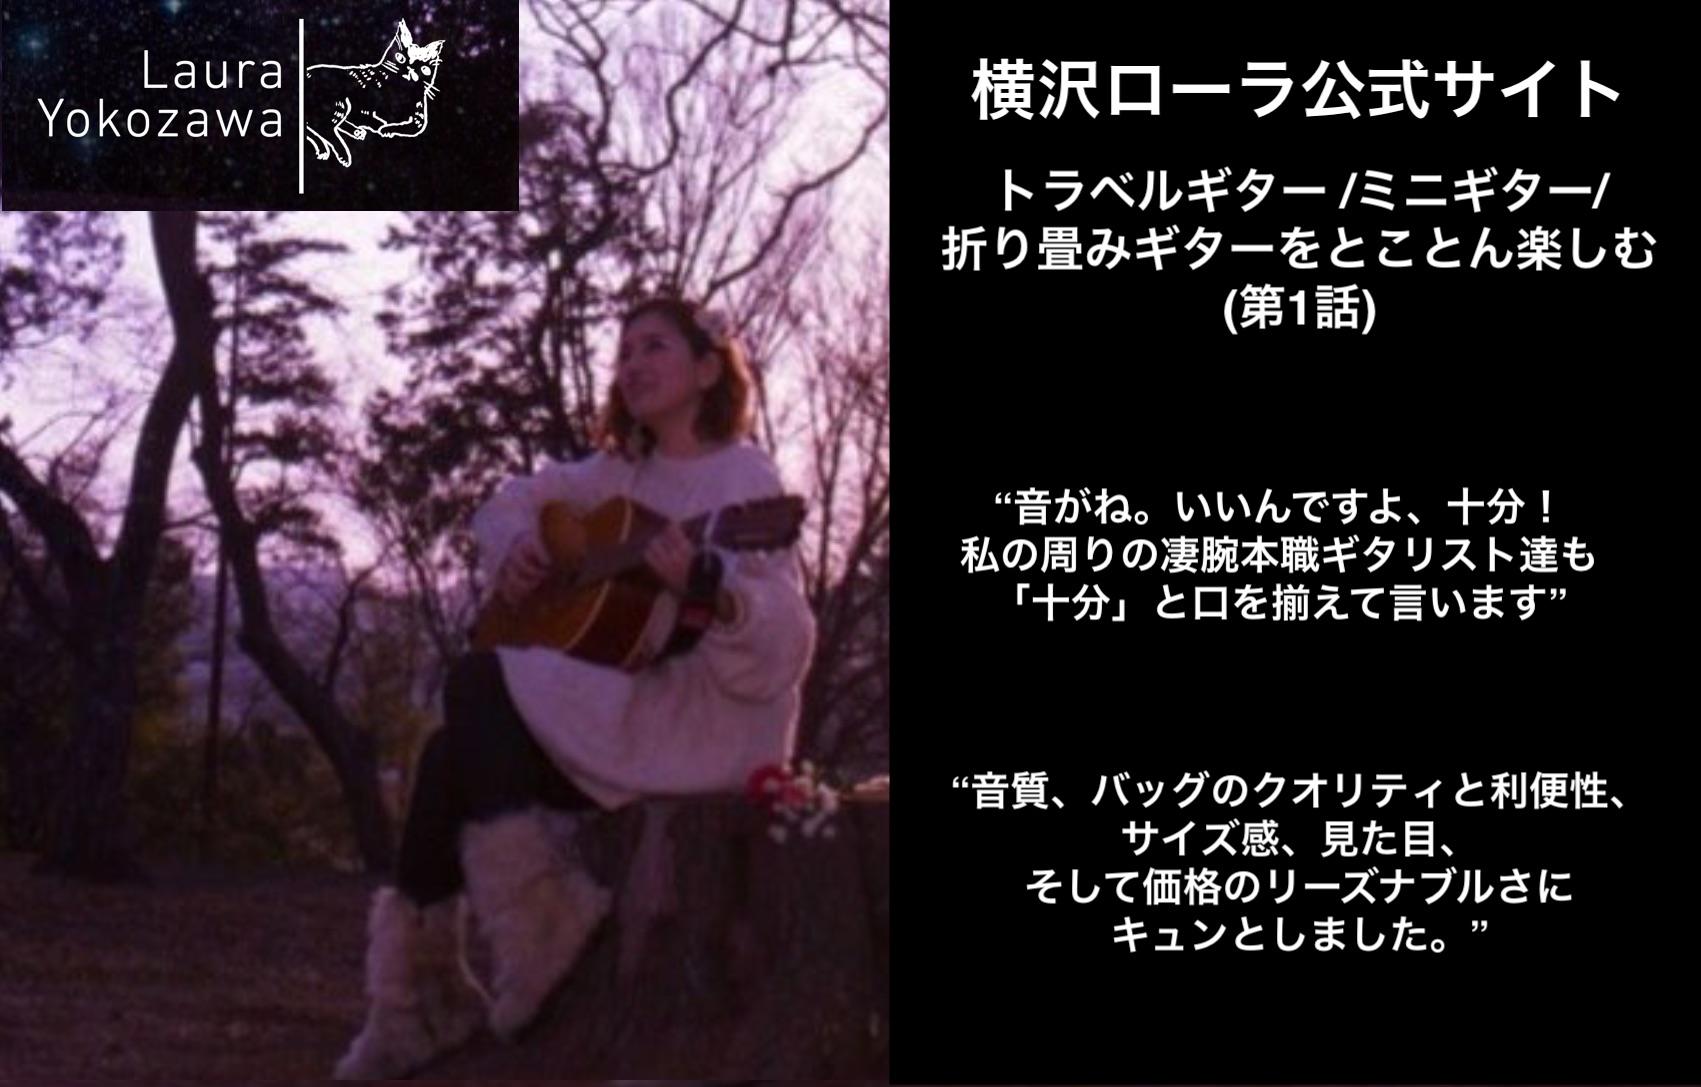 LauraYokozawa1